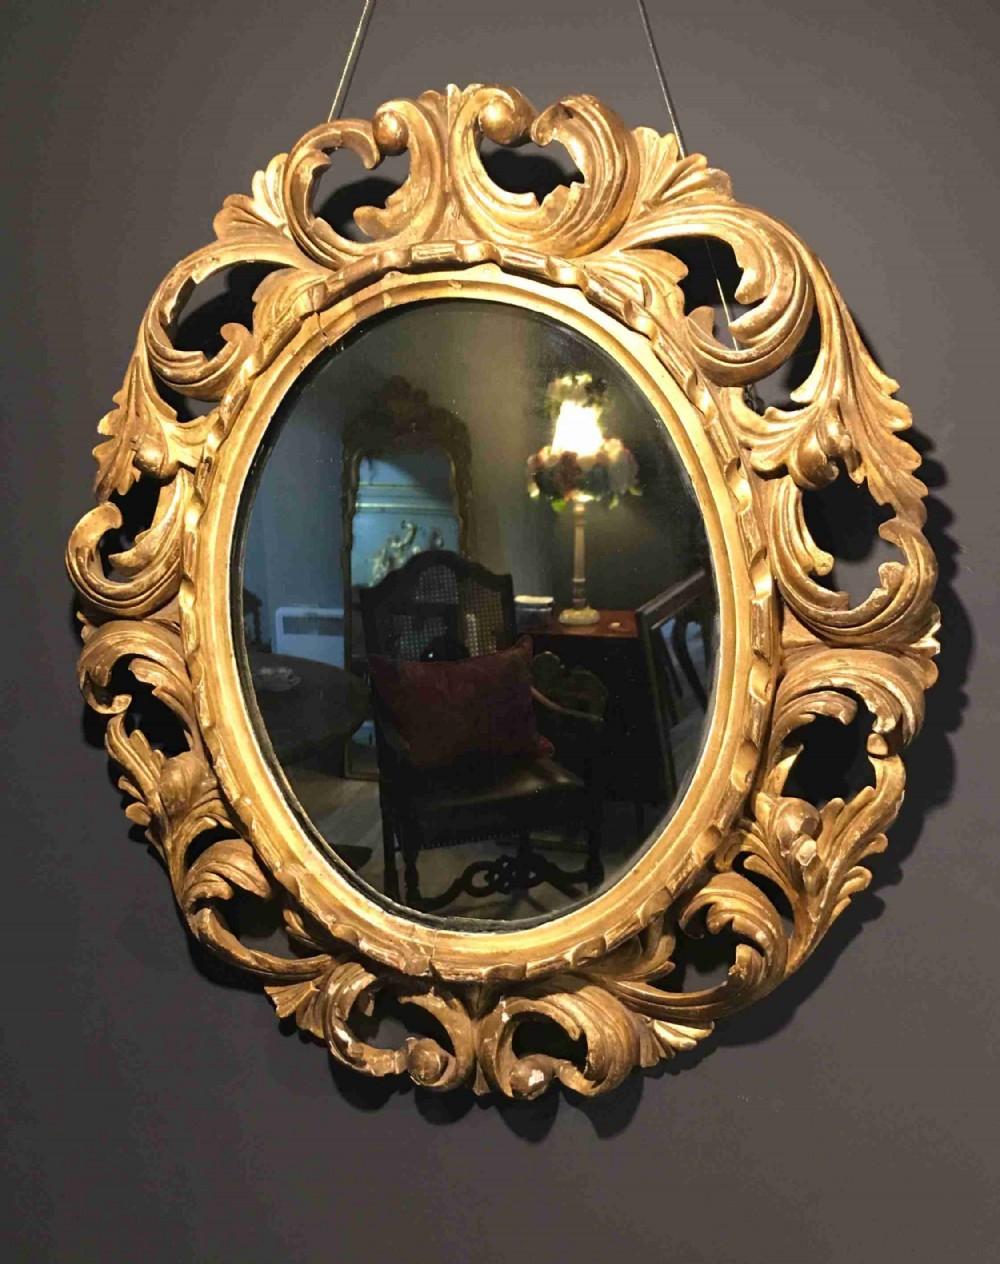 18th century florentine mirror